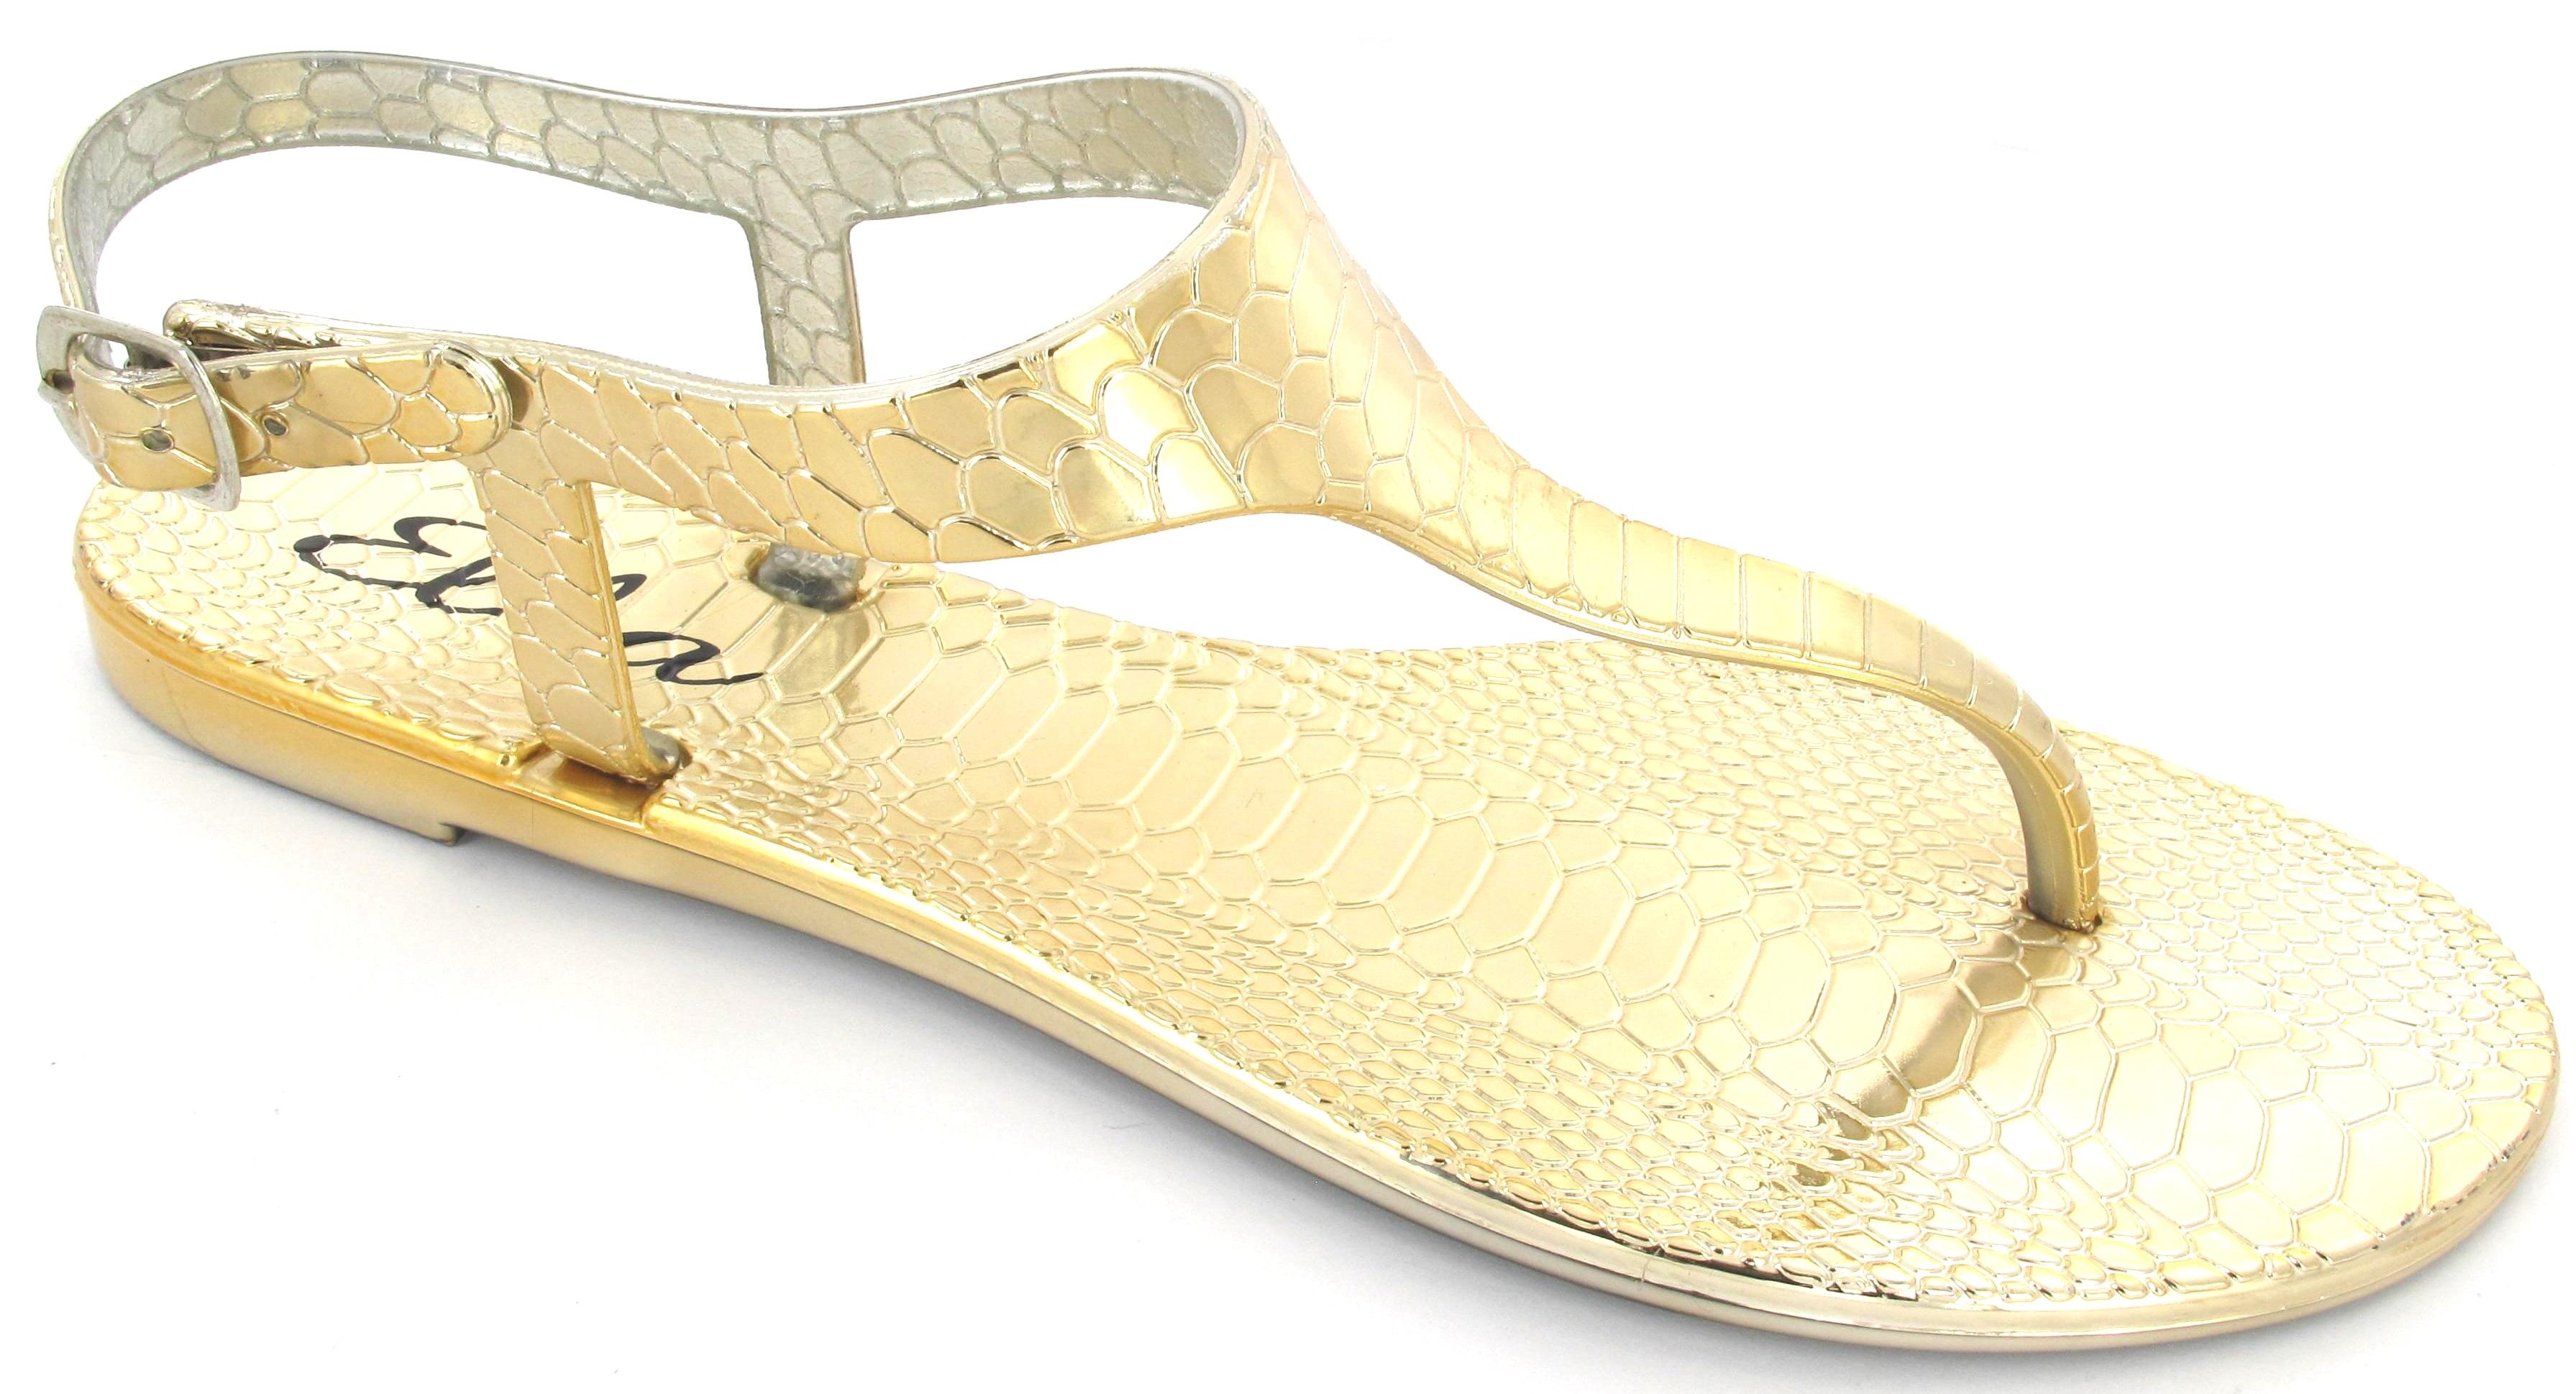 flache damen jelly sandalen schnalle zehensteg strand sommer sandalen schuhe ebay. Black Bedroom Furniture Sets. Home Design Ideas